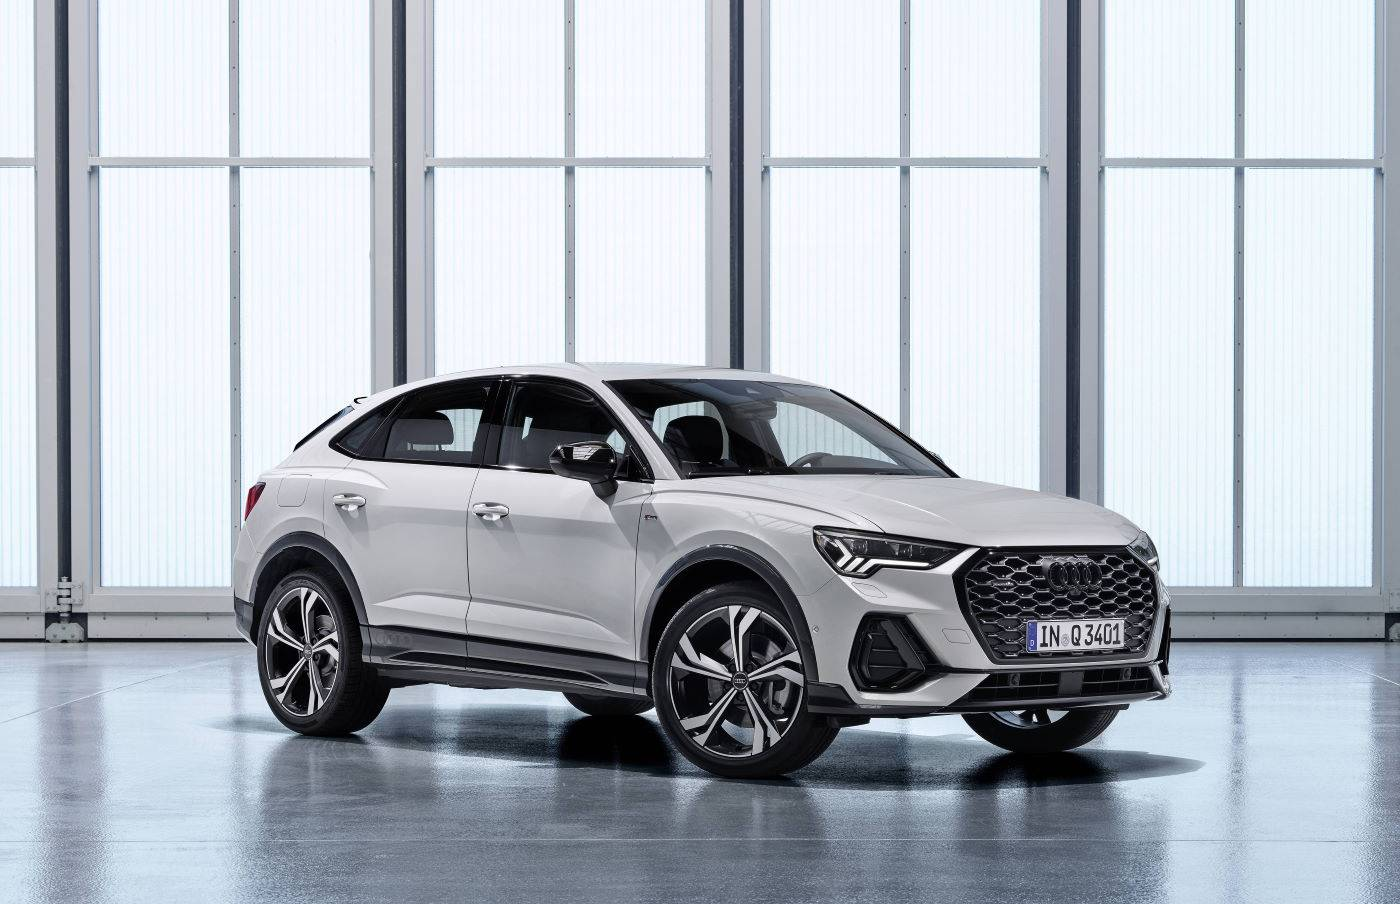 Nouvelle Audi Q3 Sportback 2019 2020 3/4 avant